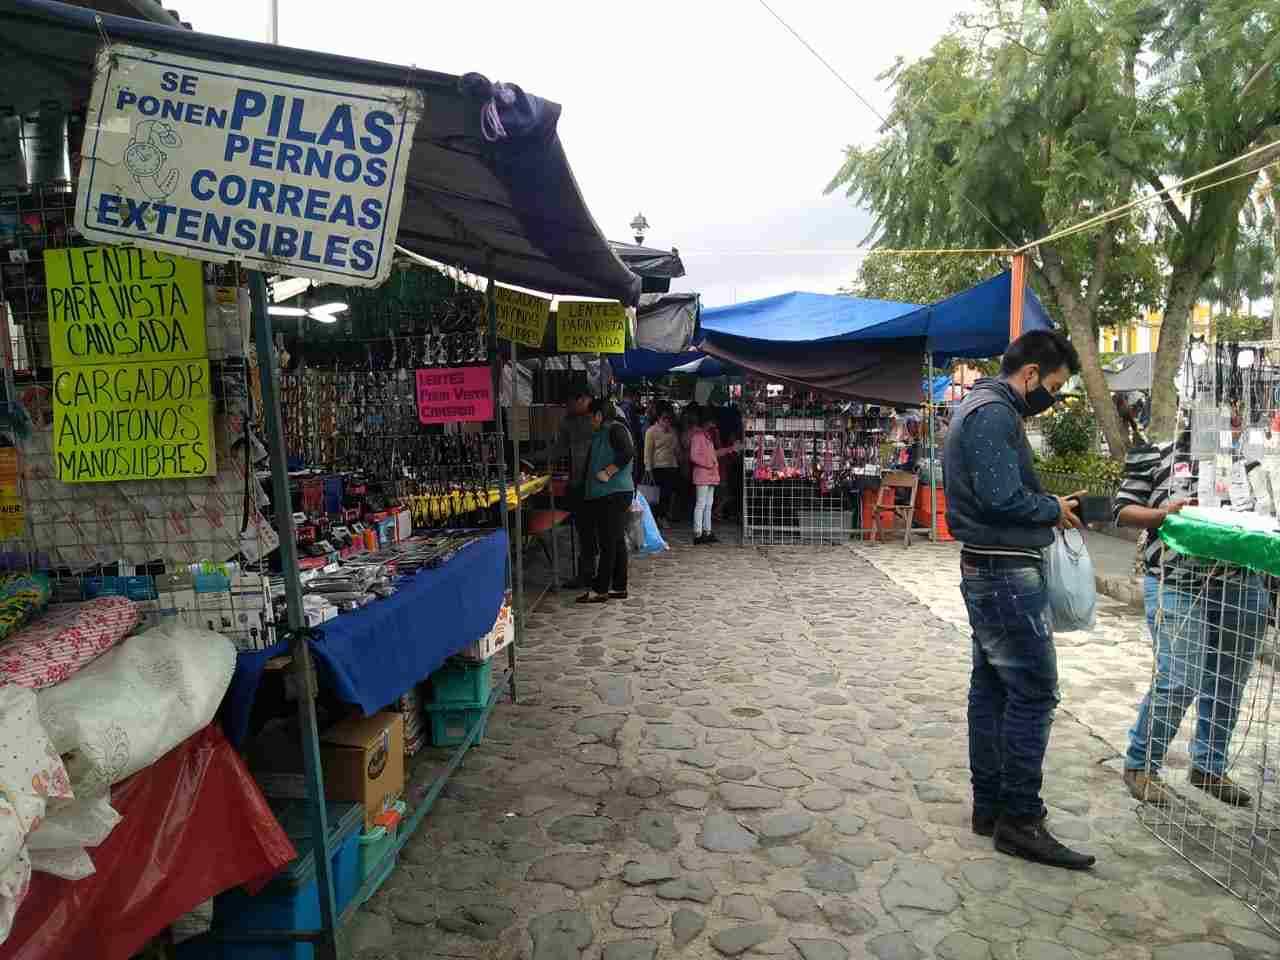 REPORTAN BAJAS VENTAS EN PLAZA DE COSCOMATEPEC